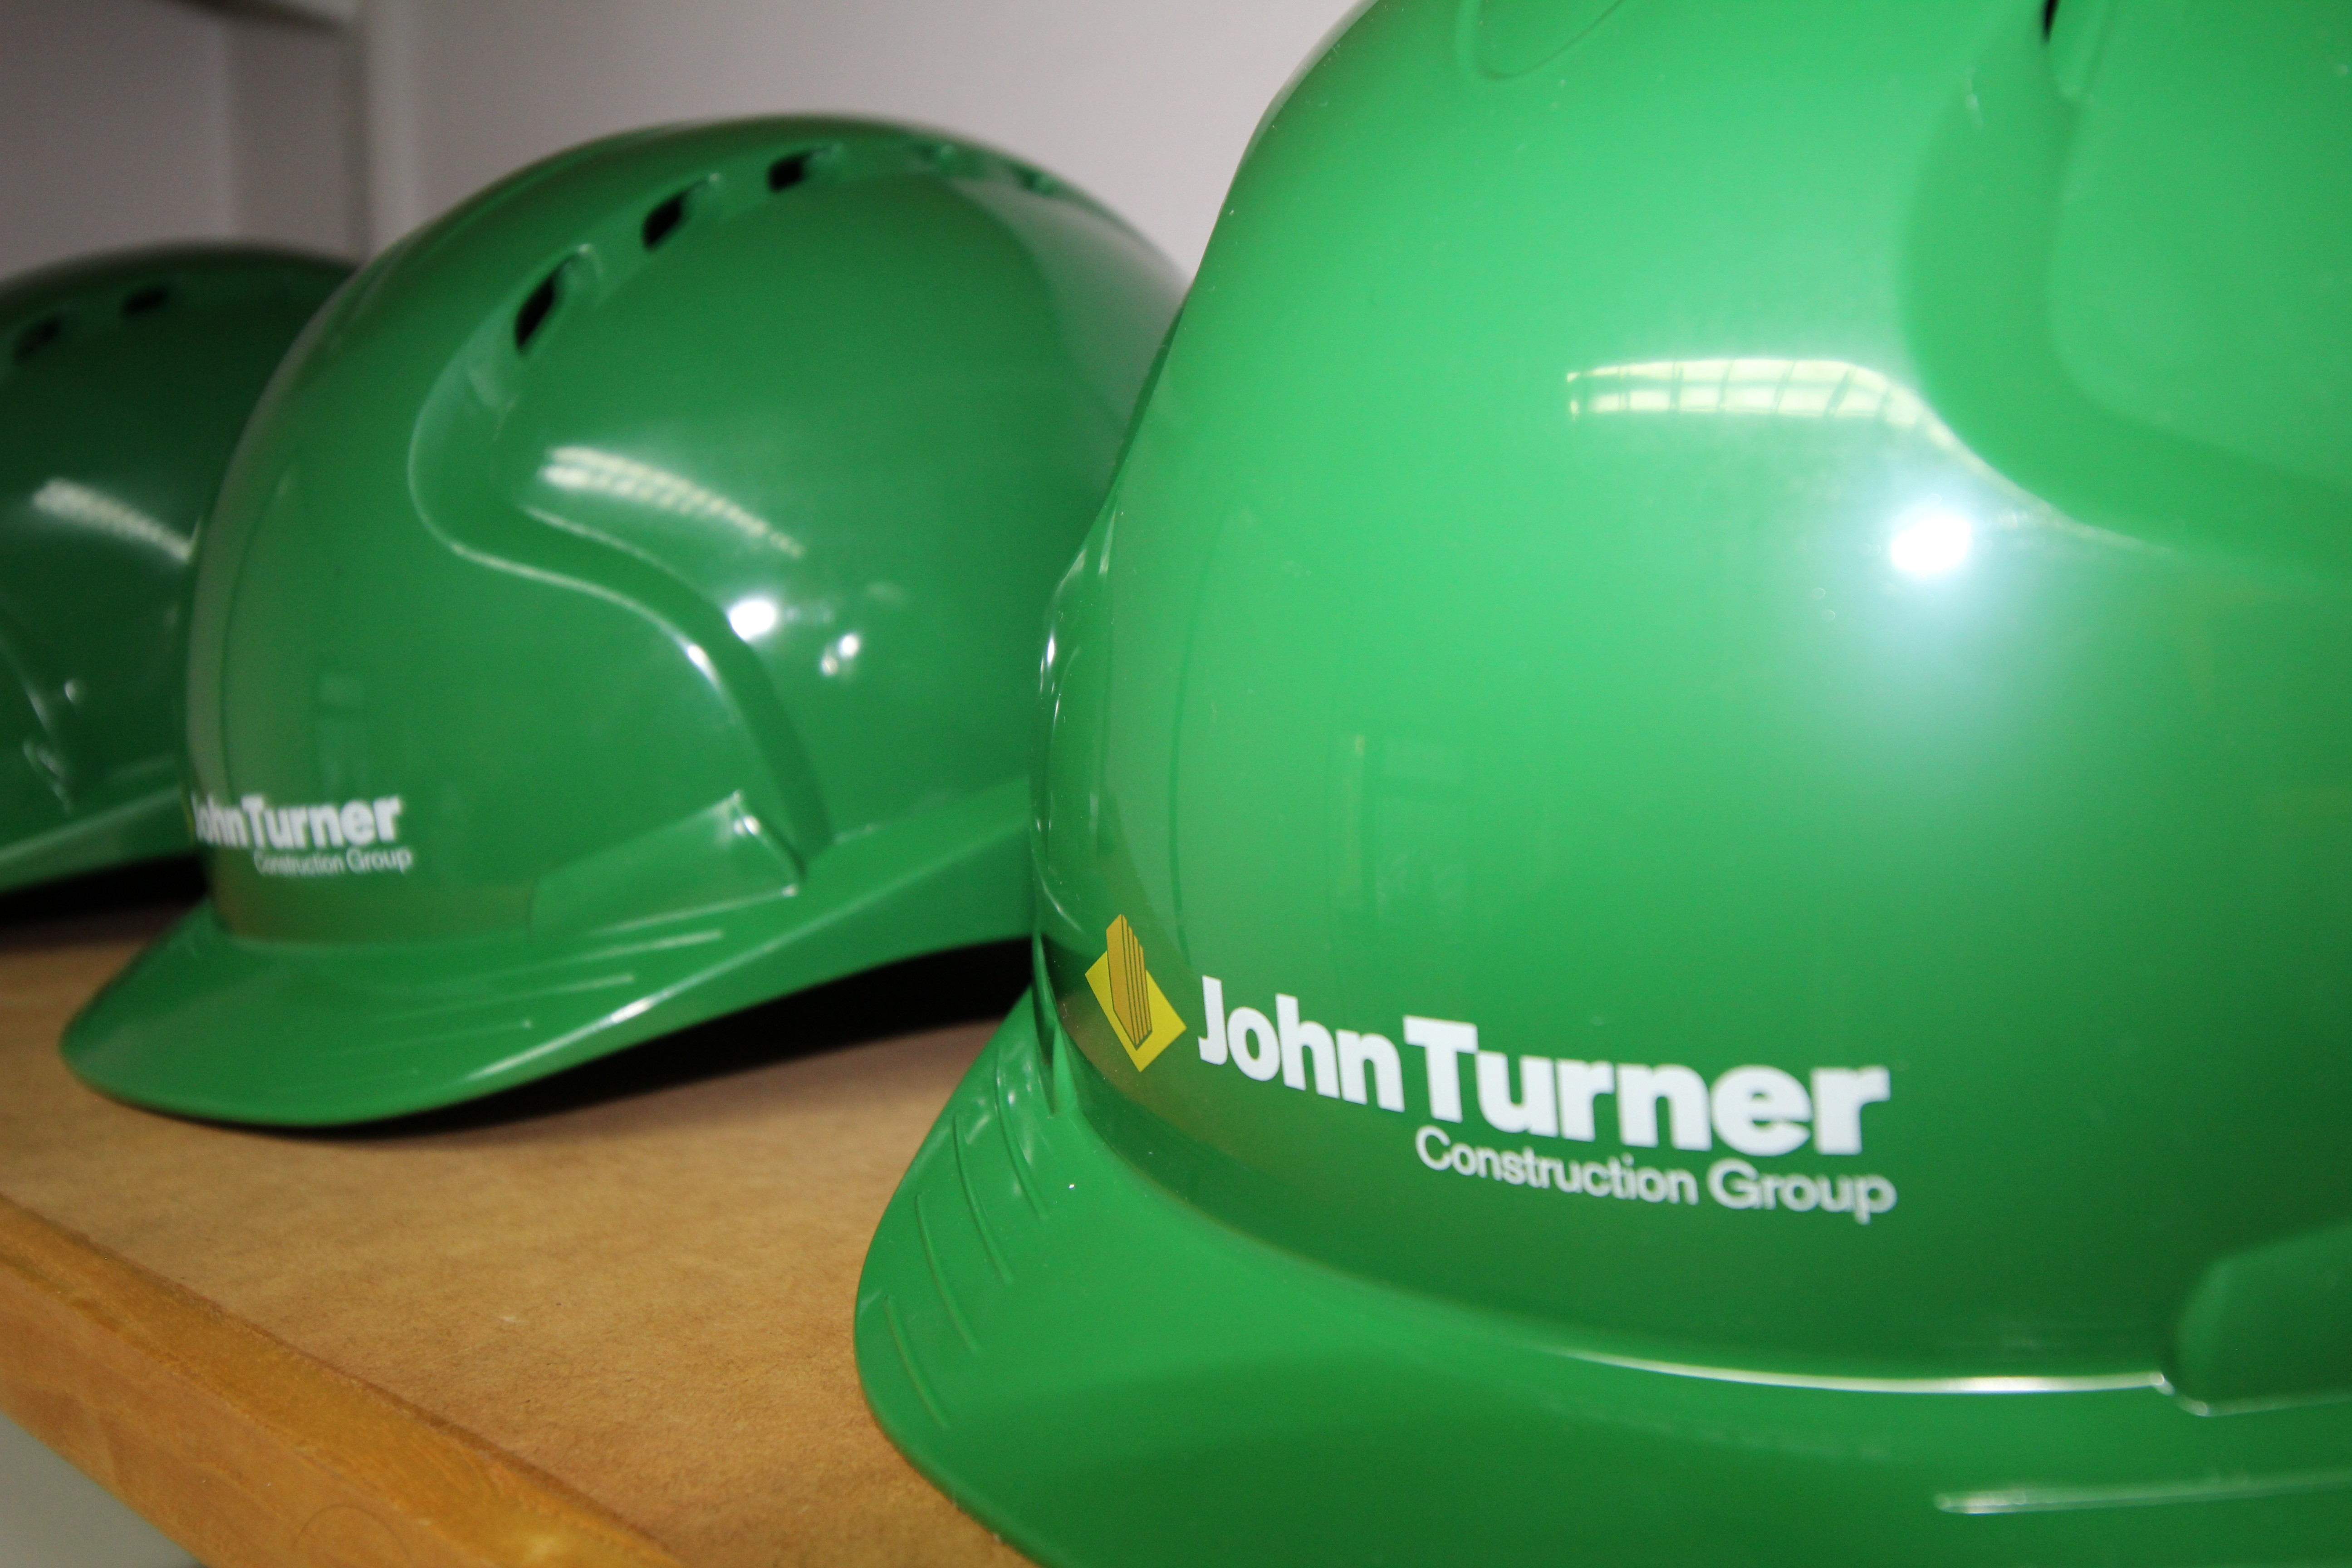 John Turner Construction Group Ltd Linkedin